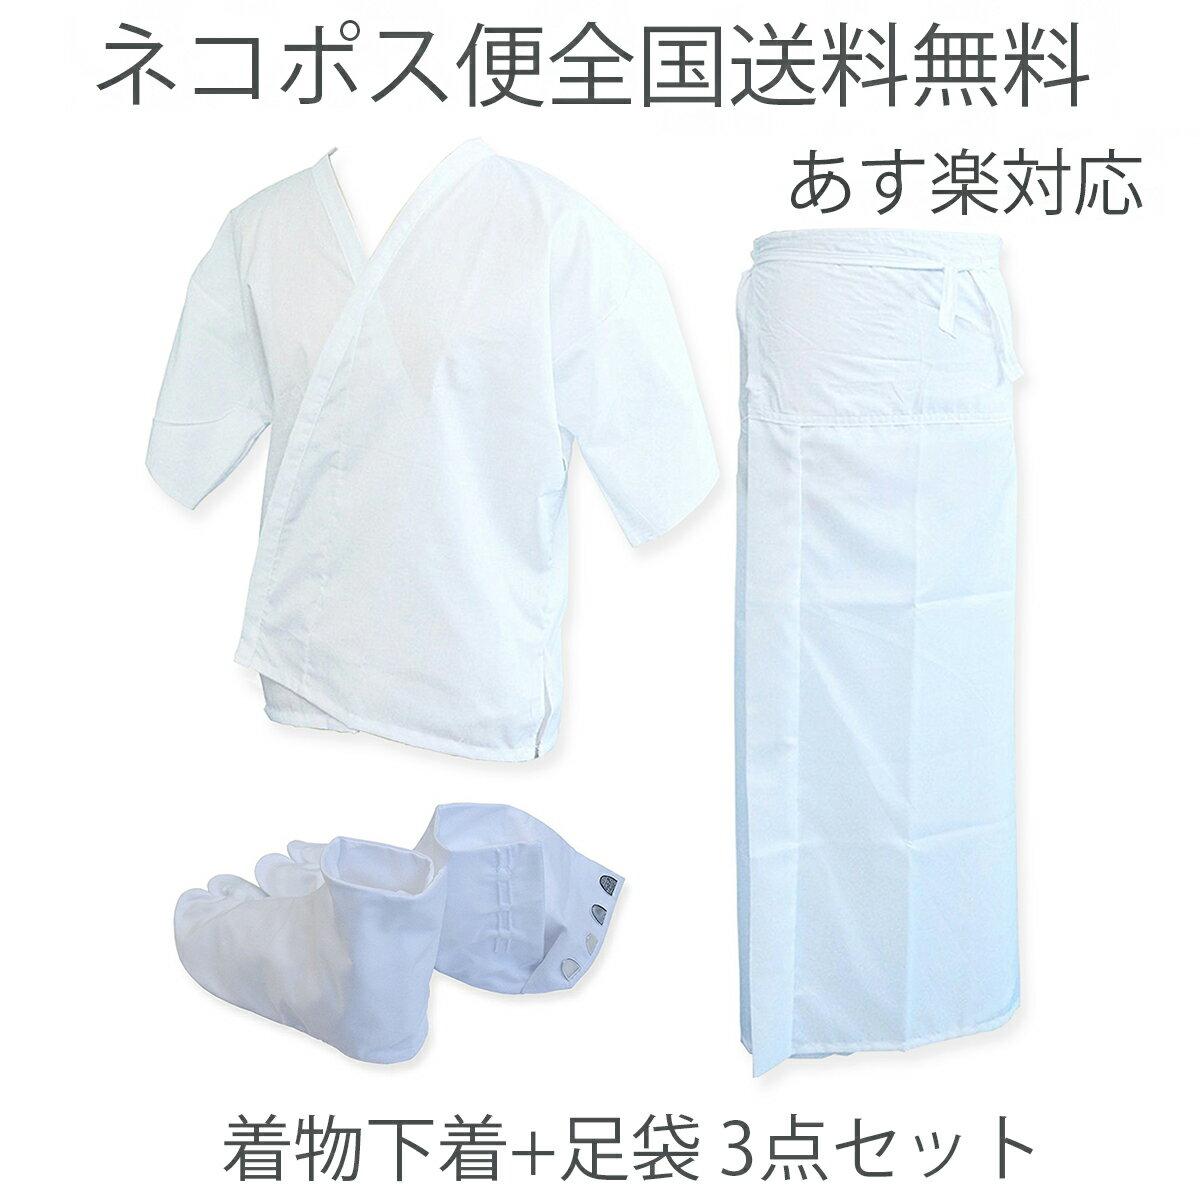 着物下着 足袋 3点セット 日本製 肌着(肌襦袢)裾除けM・L 4枚こはぜ テトロンブロードたび21cm〜24.5cm